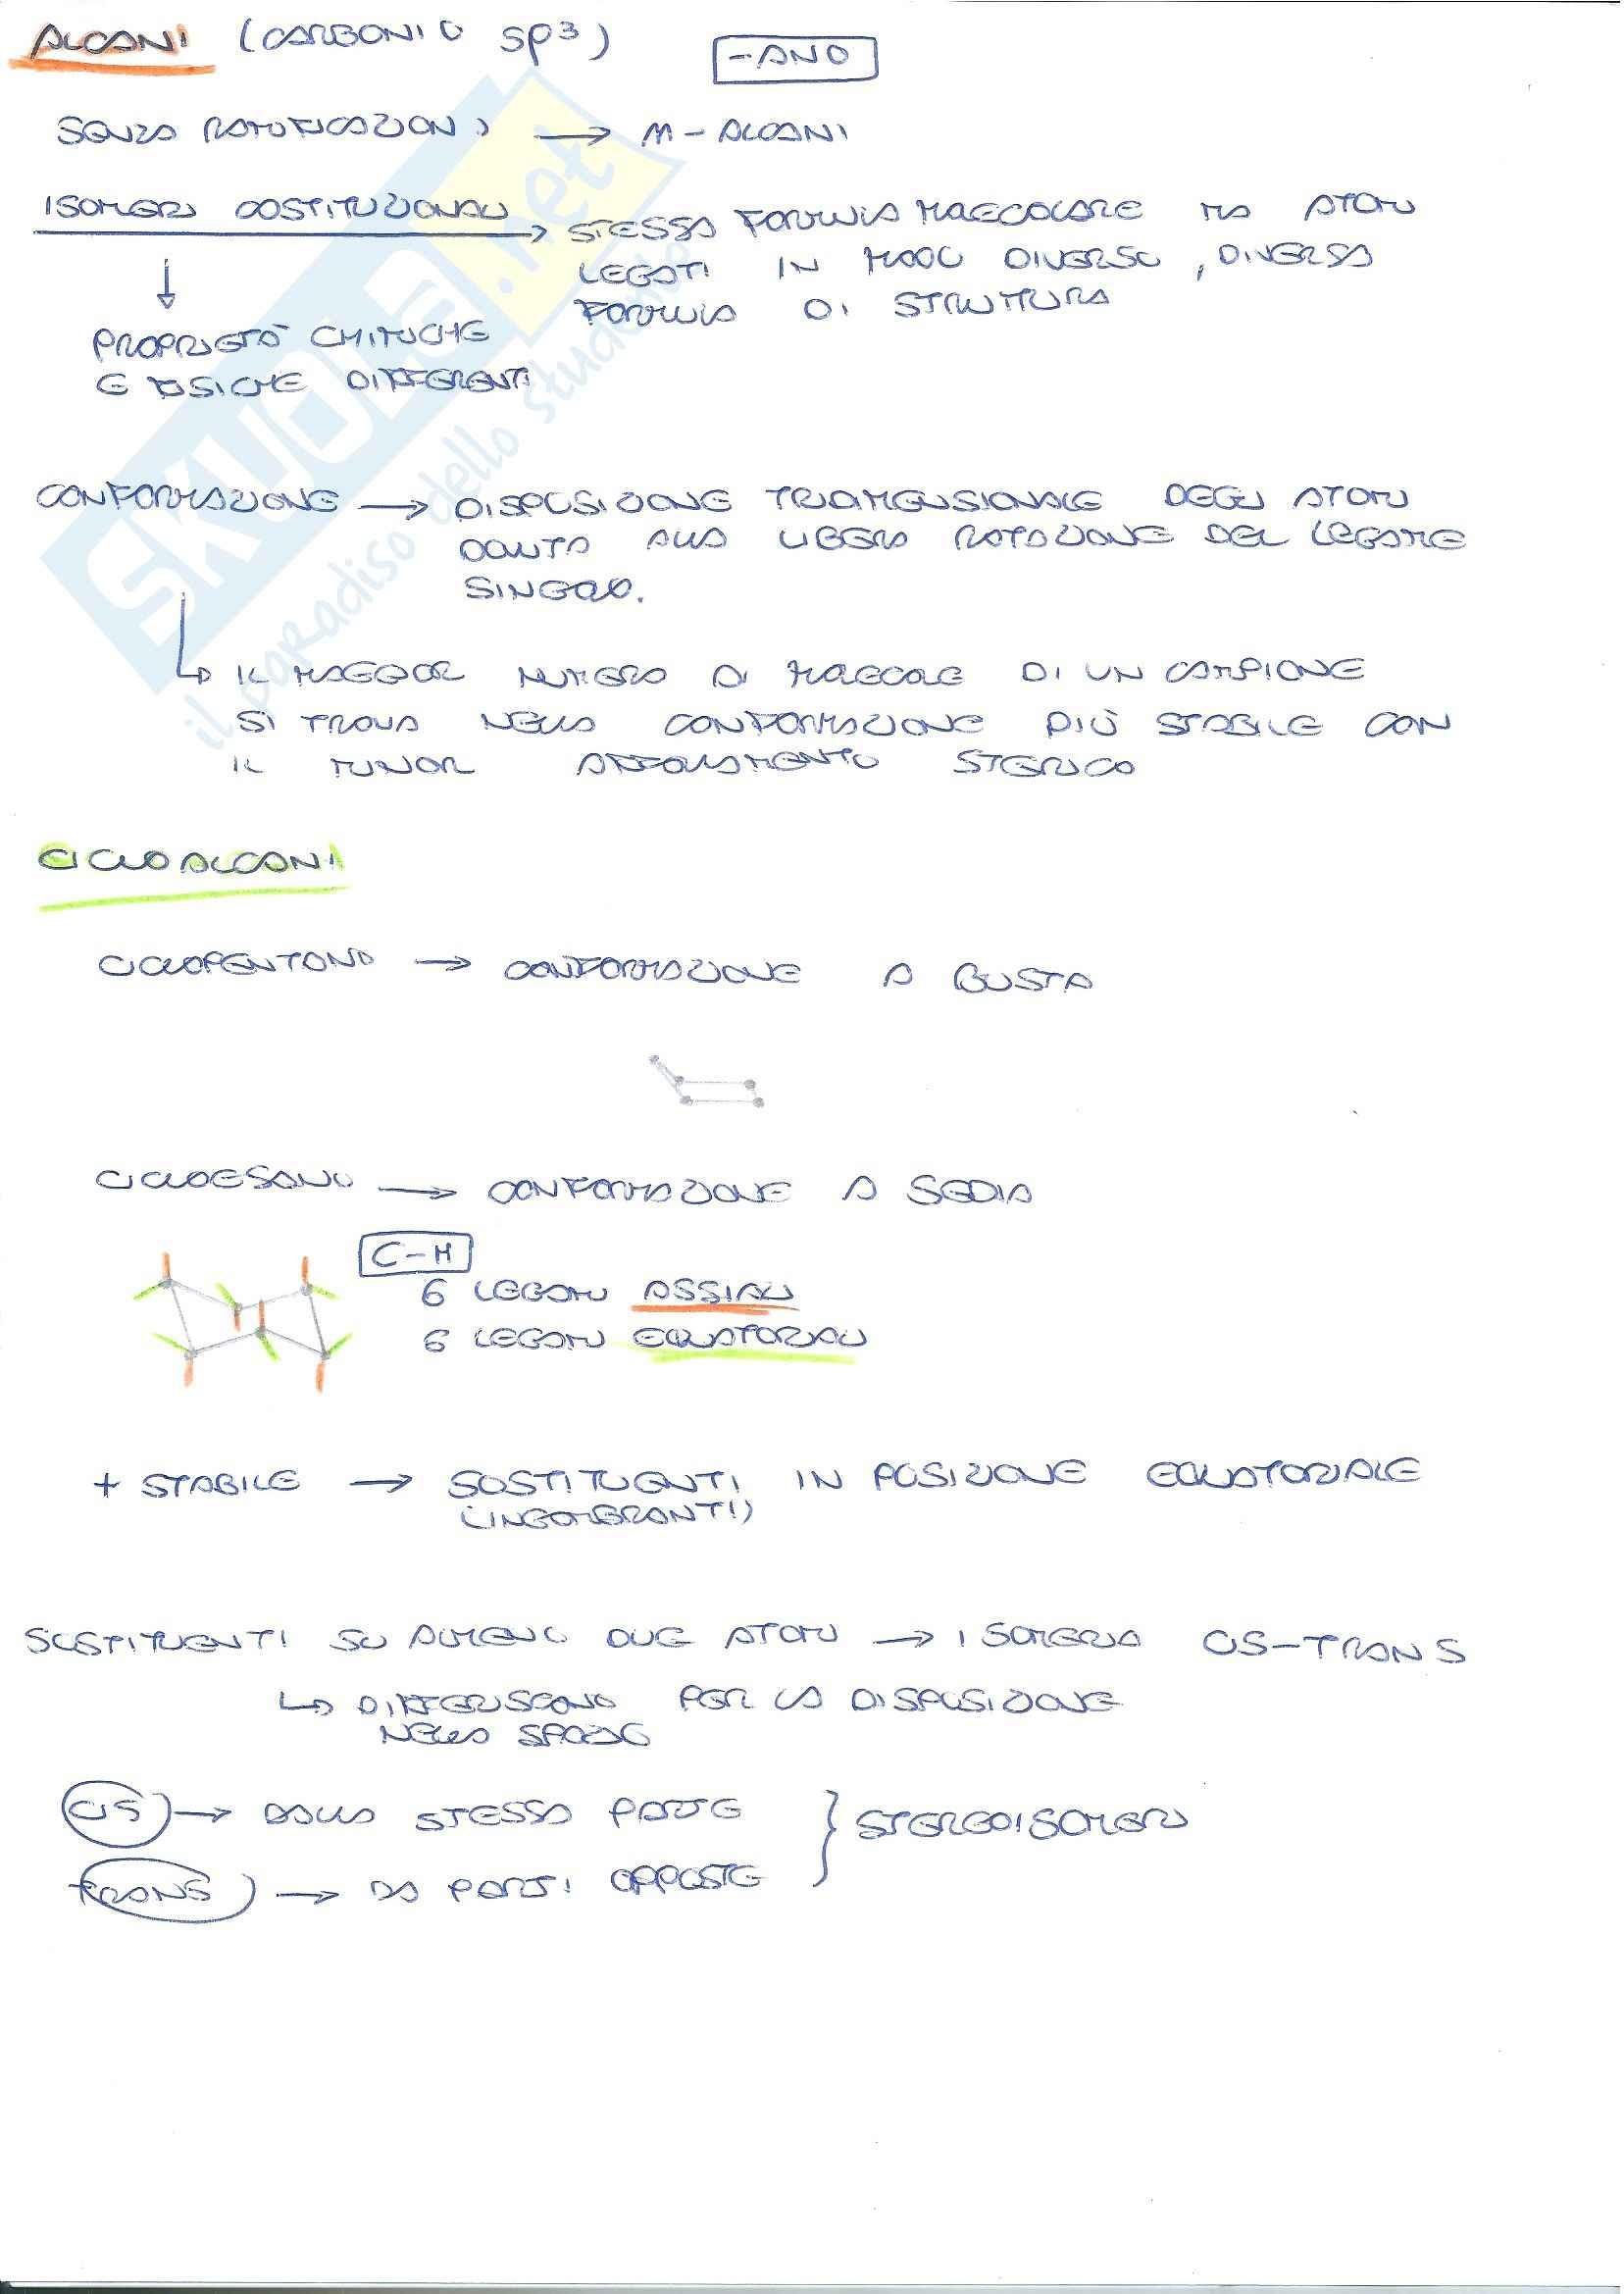 Chimica organica - reazioni di chimica organica: alcani